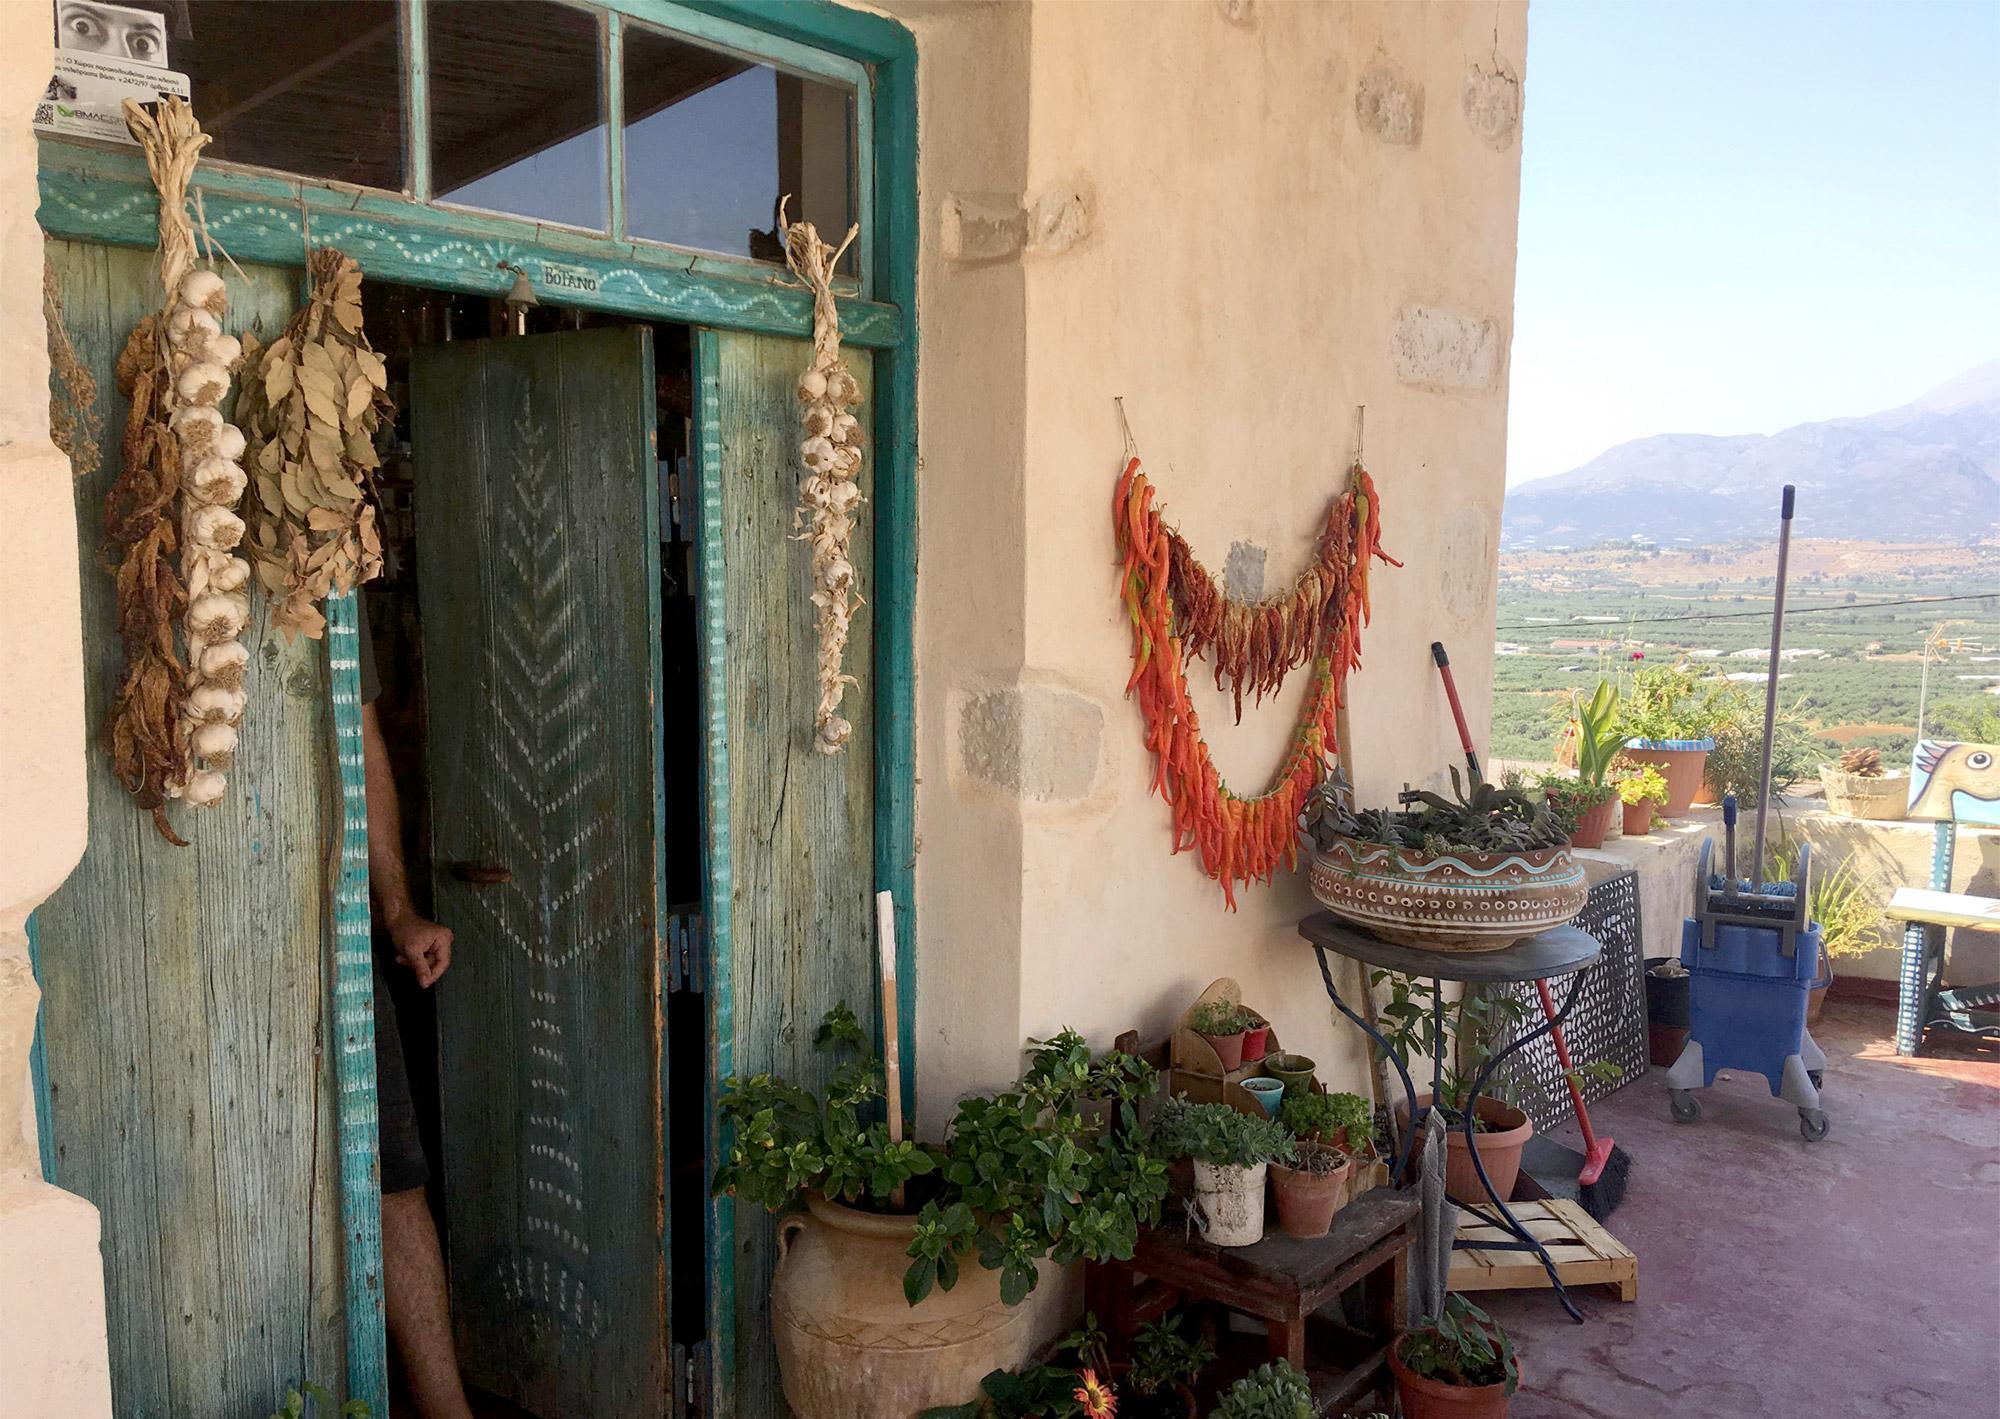 Stöbern im Kräuter- und Teeladen Botano